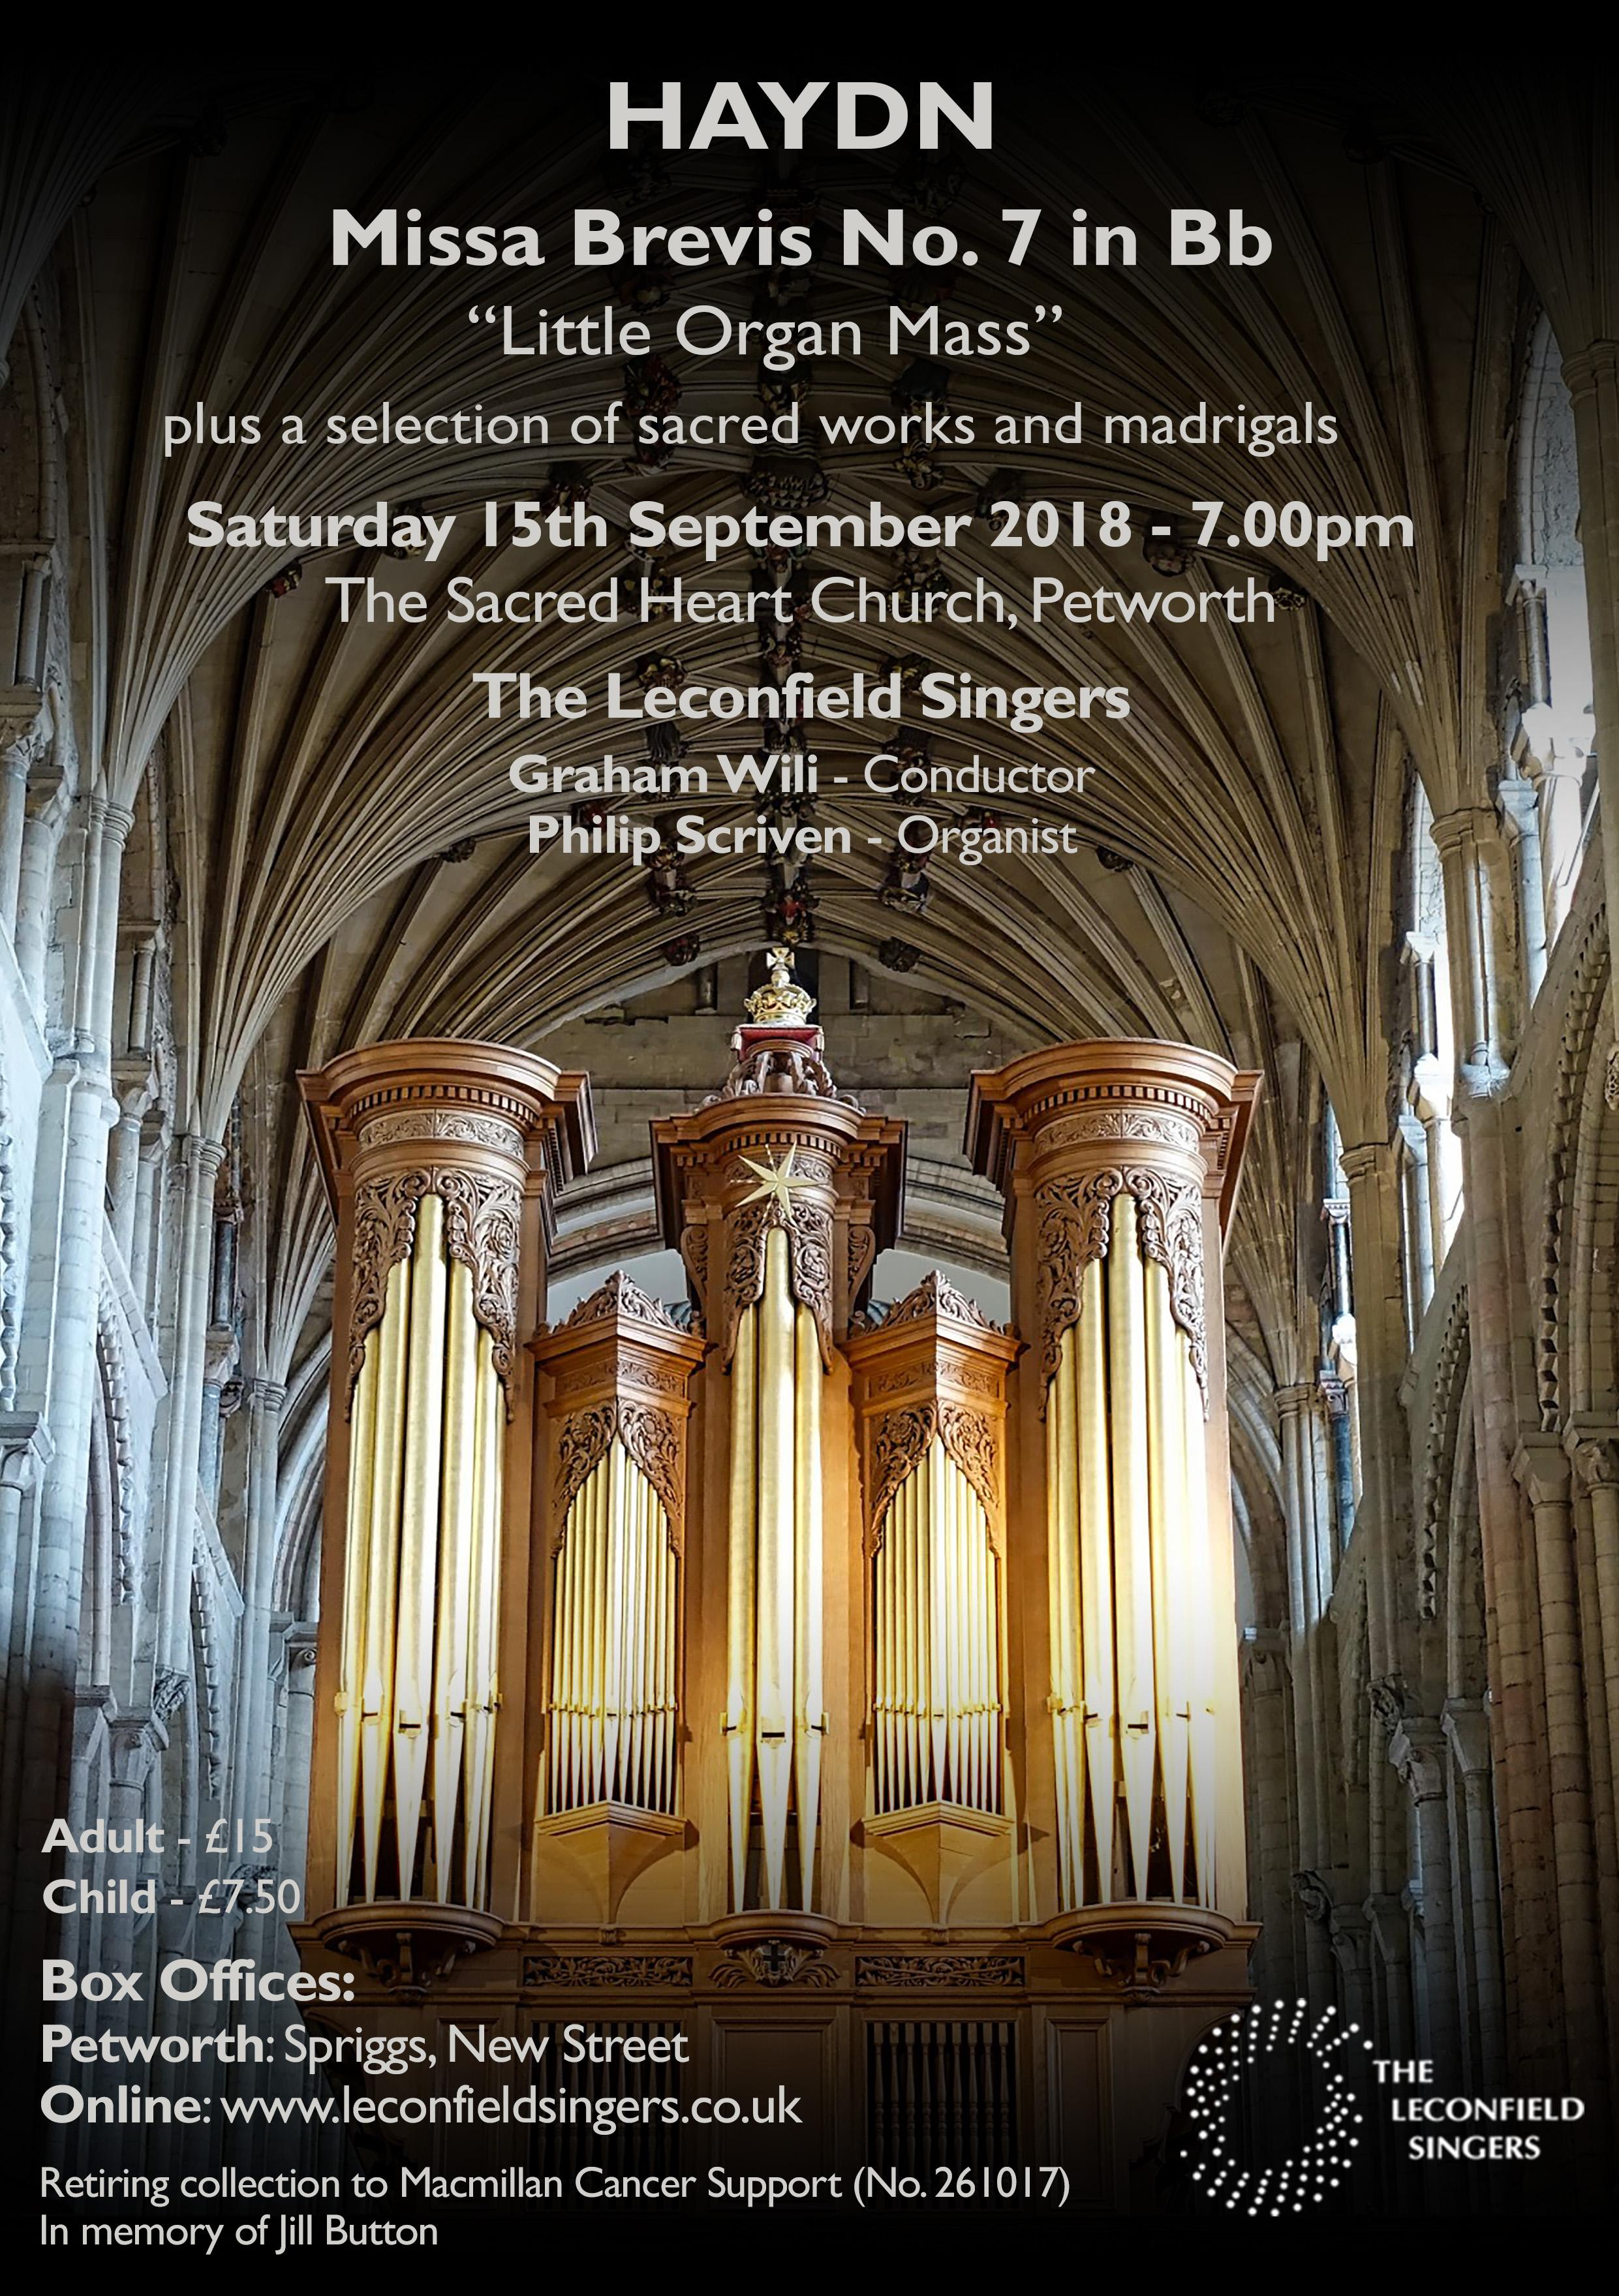 Leconfield Singers - Concert